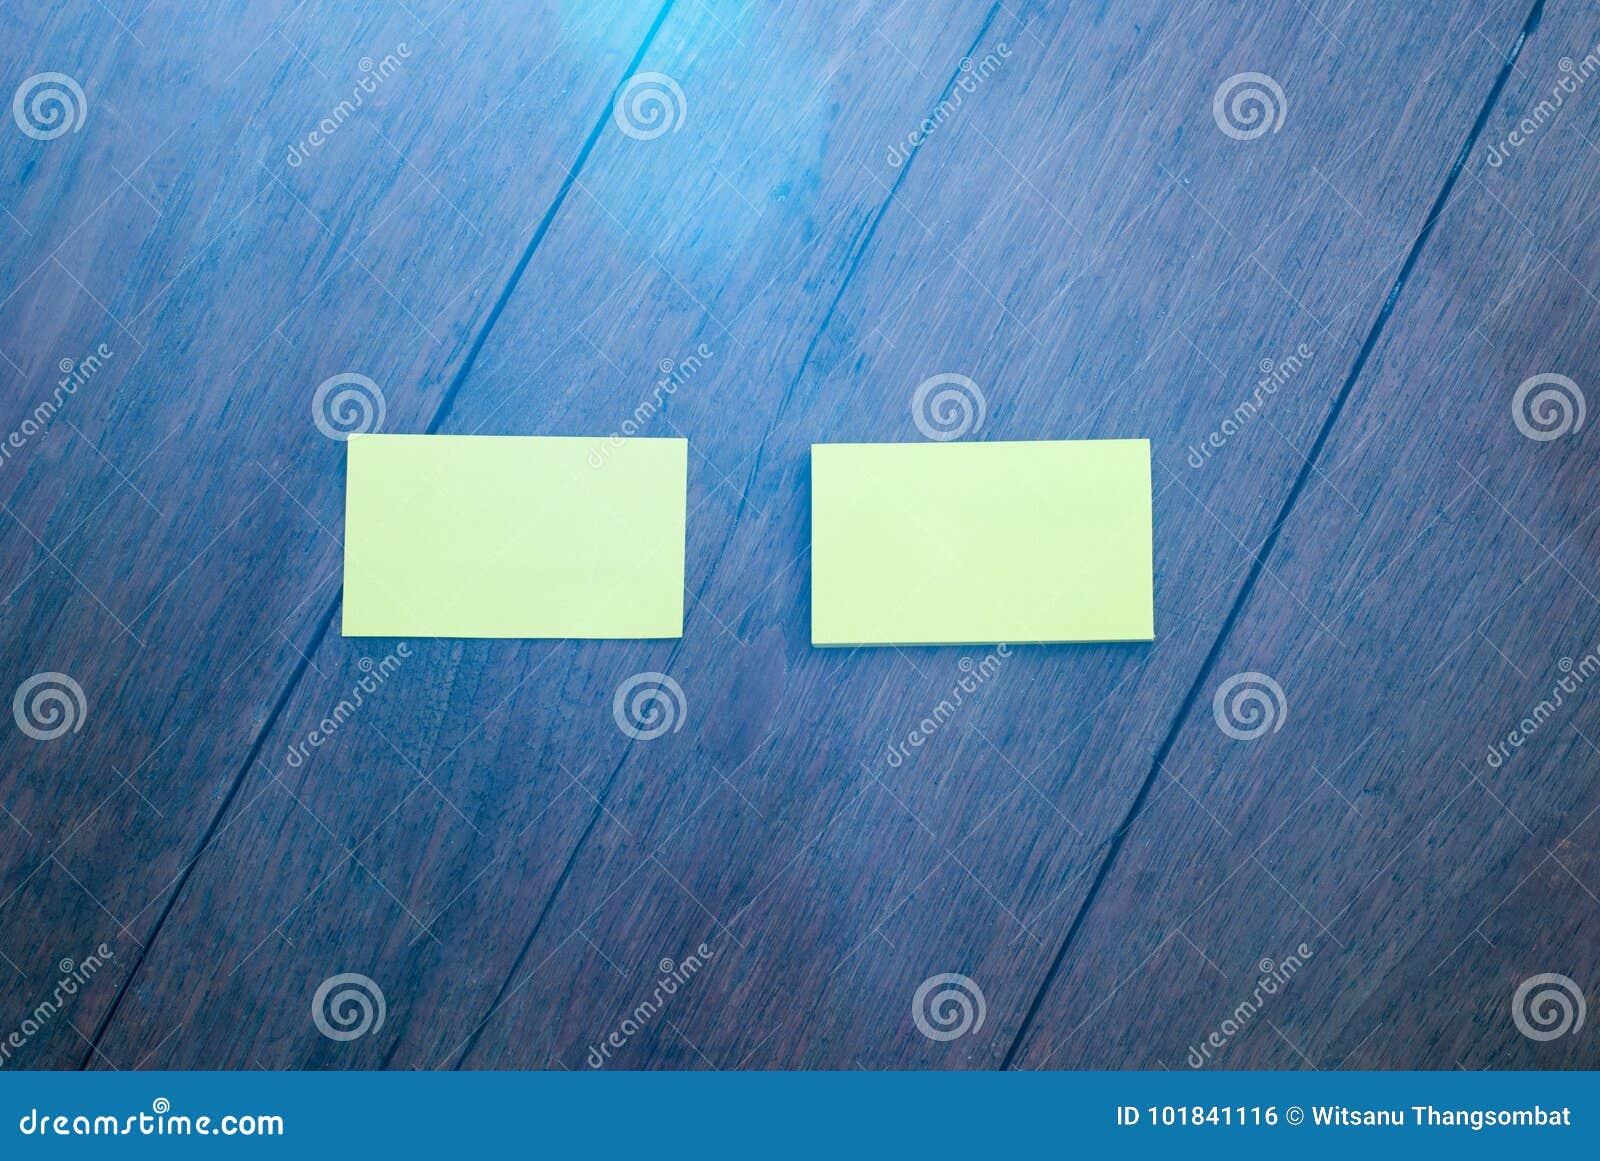 Dos tarjetas de visita verticales en blanco blancas en de madera natural ligero